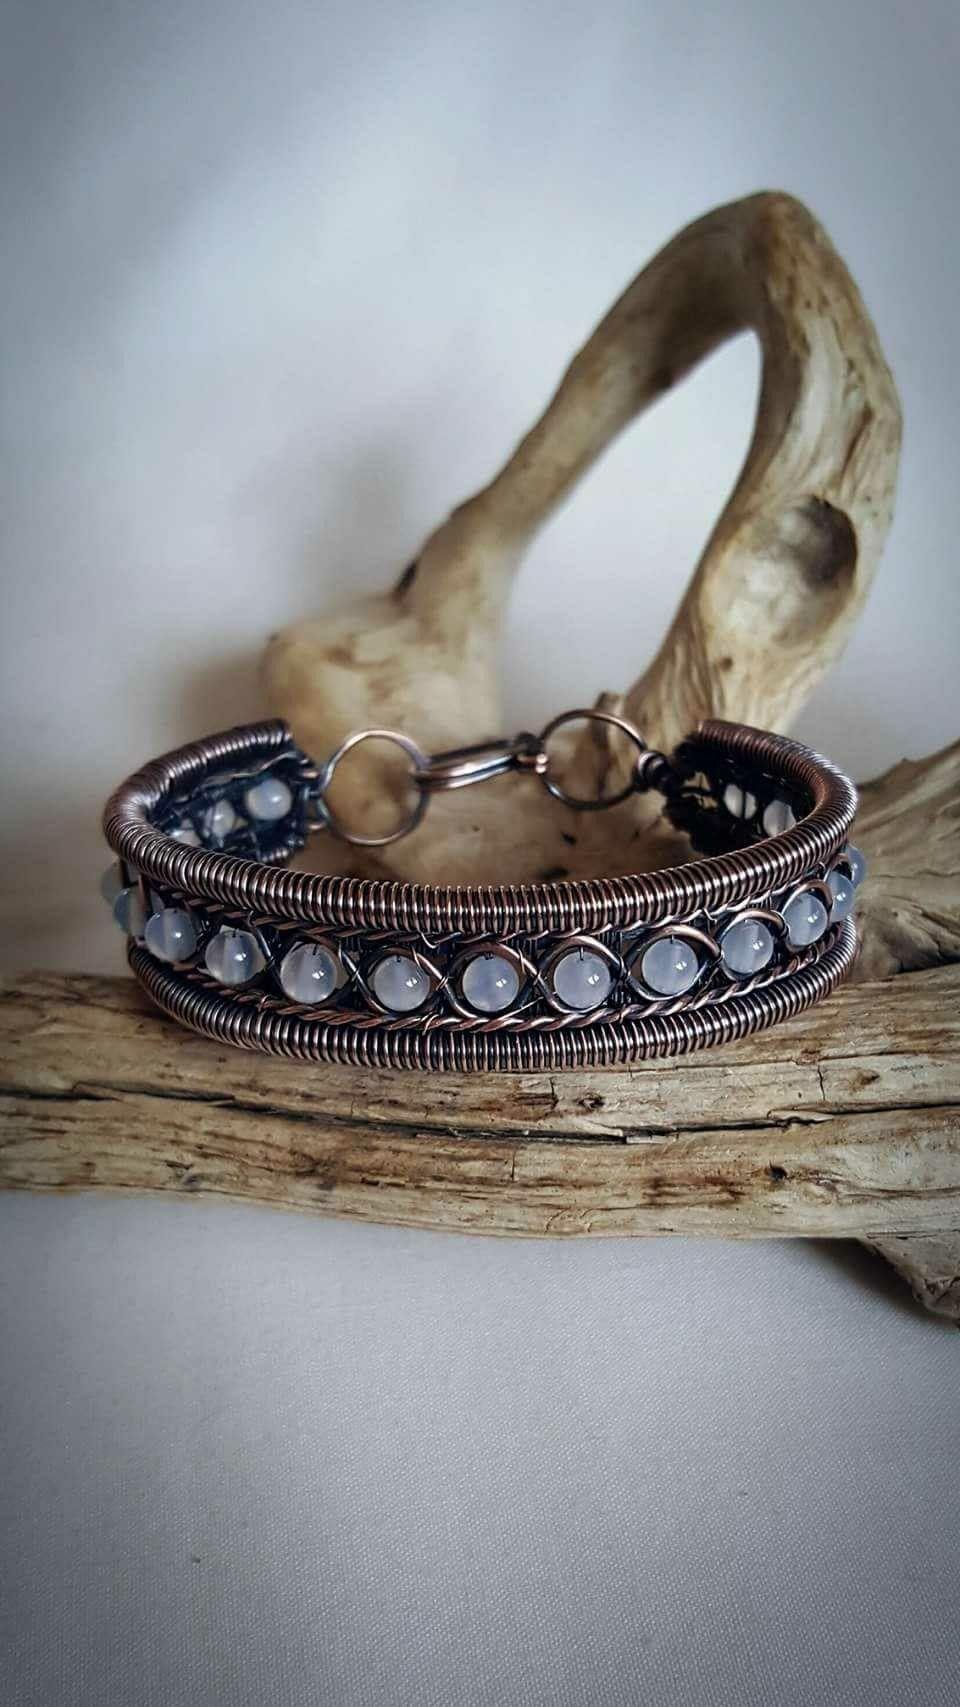 Pin by Andrea Eller on Jewelry Making - Bracelets Advanced ...